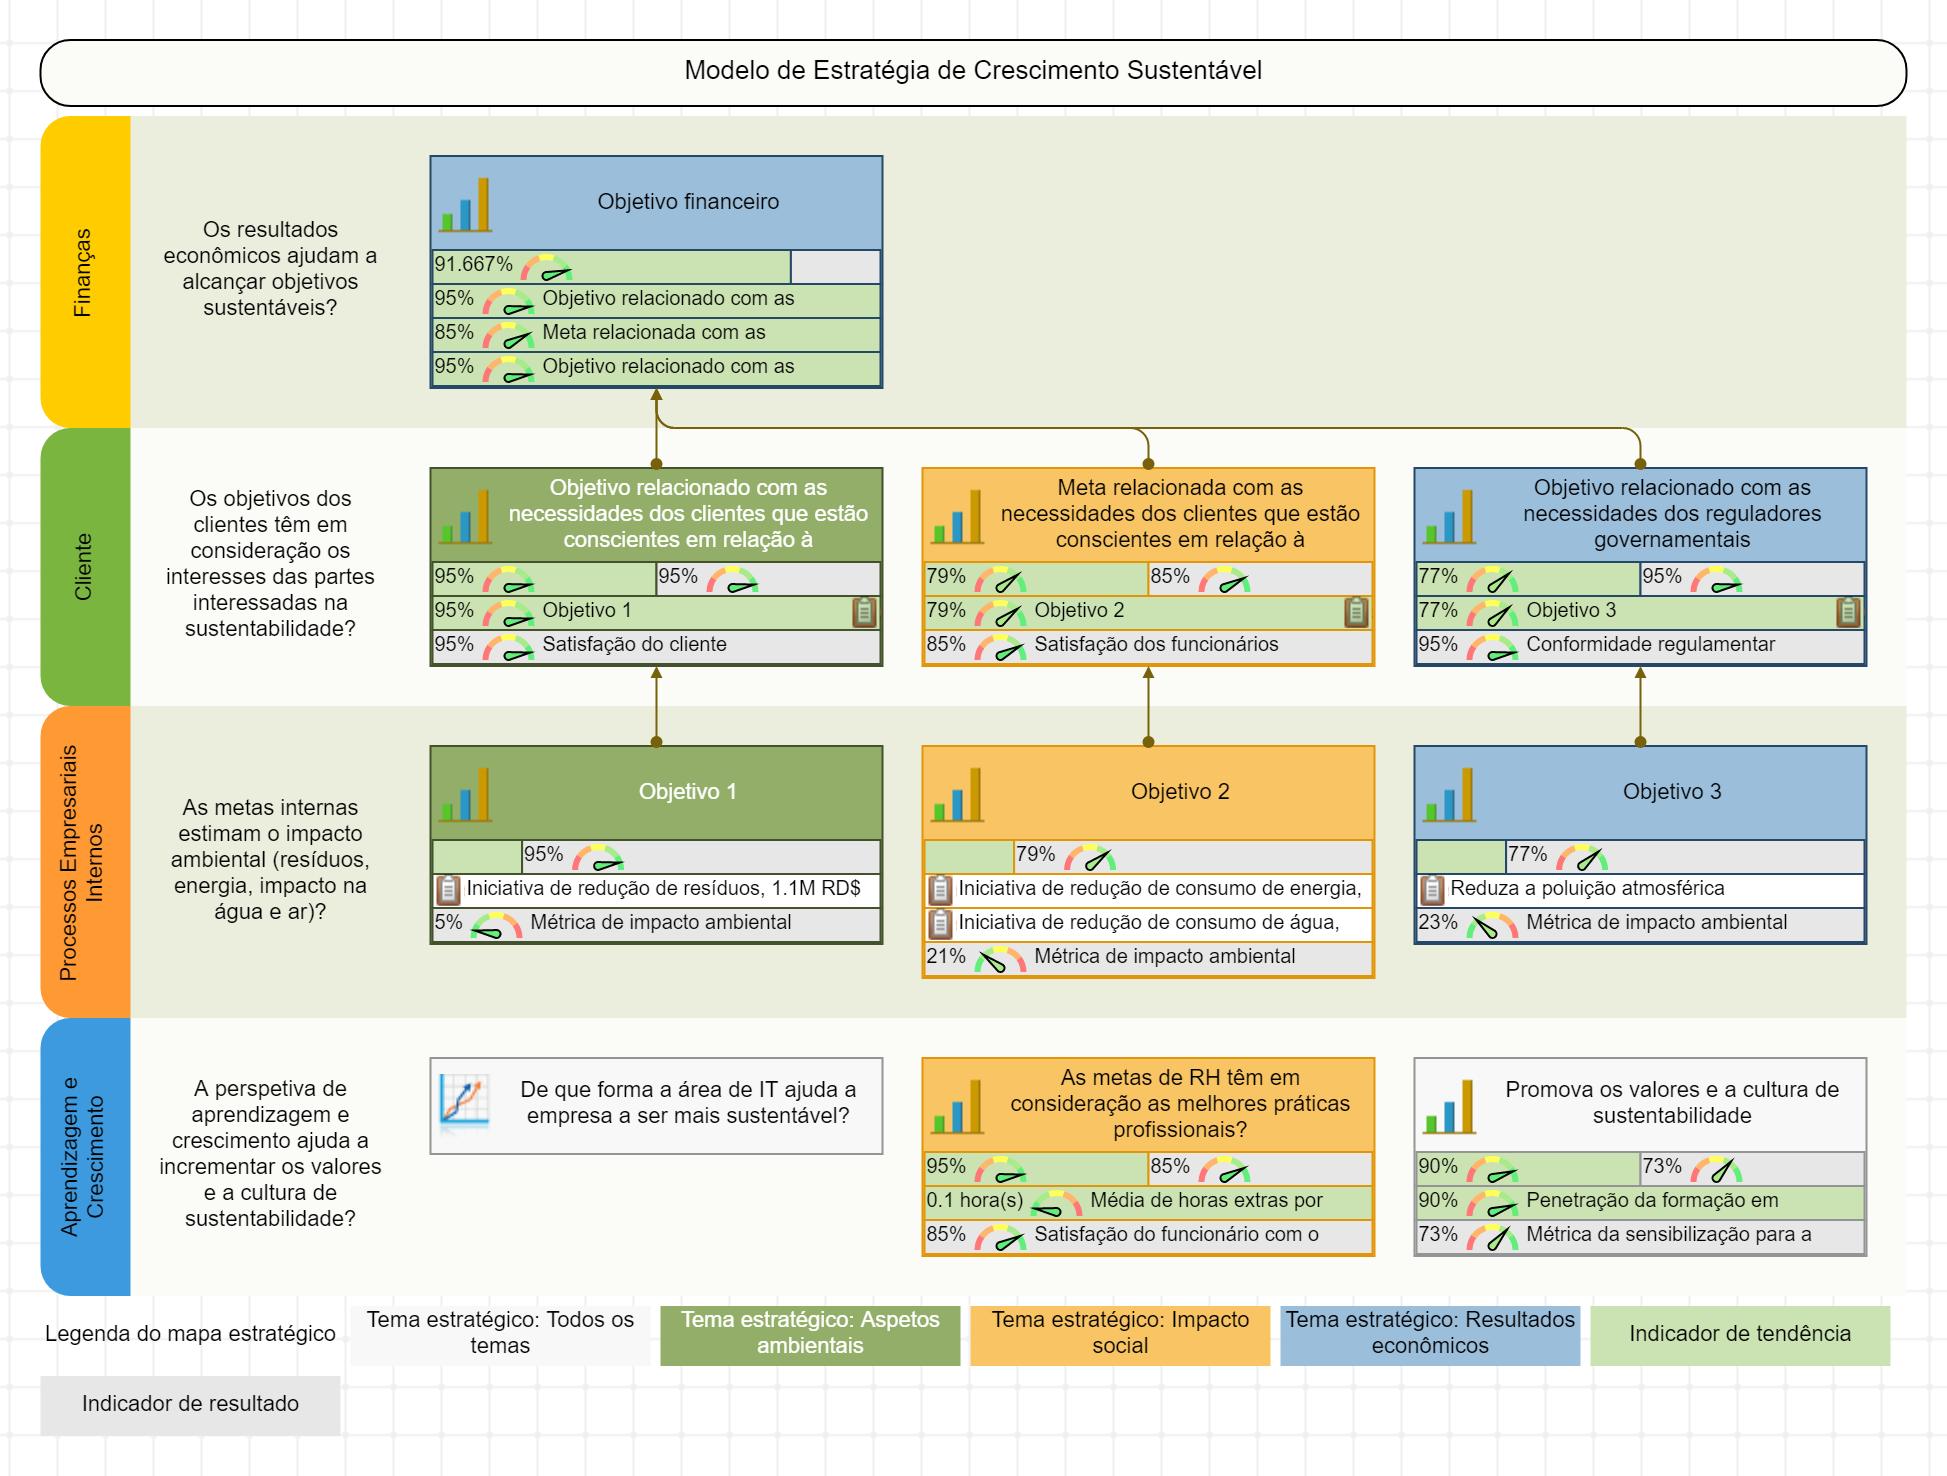 Mapa estratégico da sustentabilidade